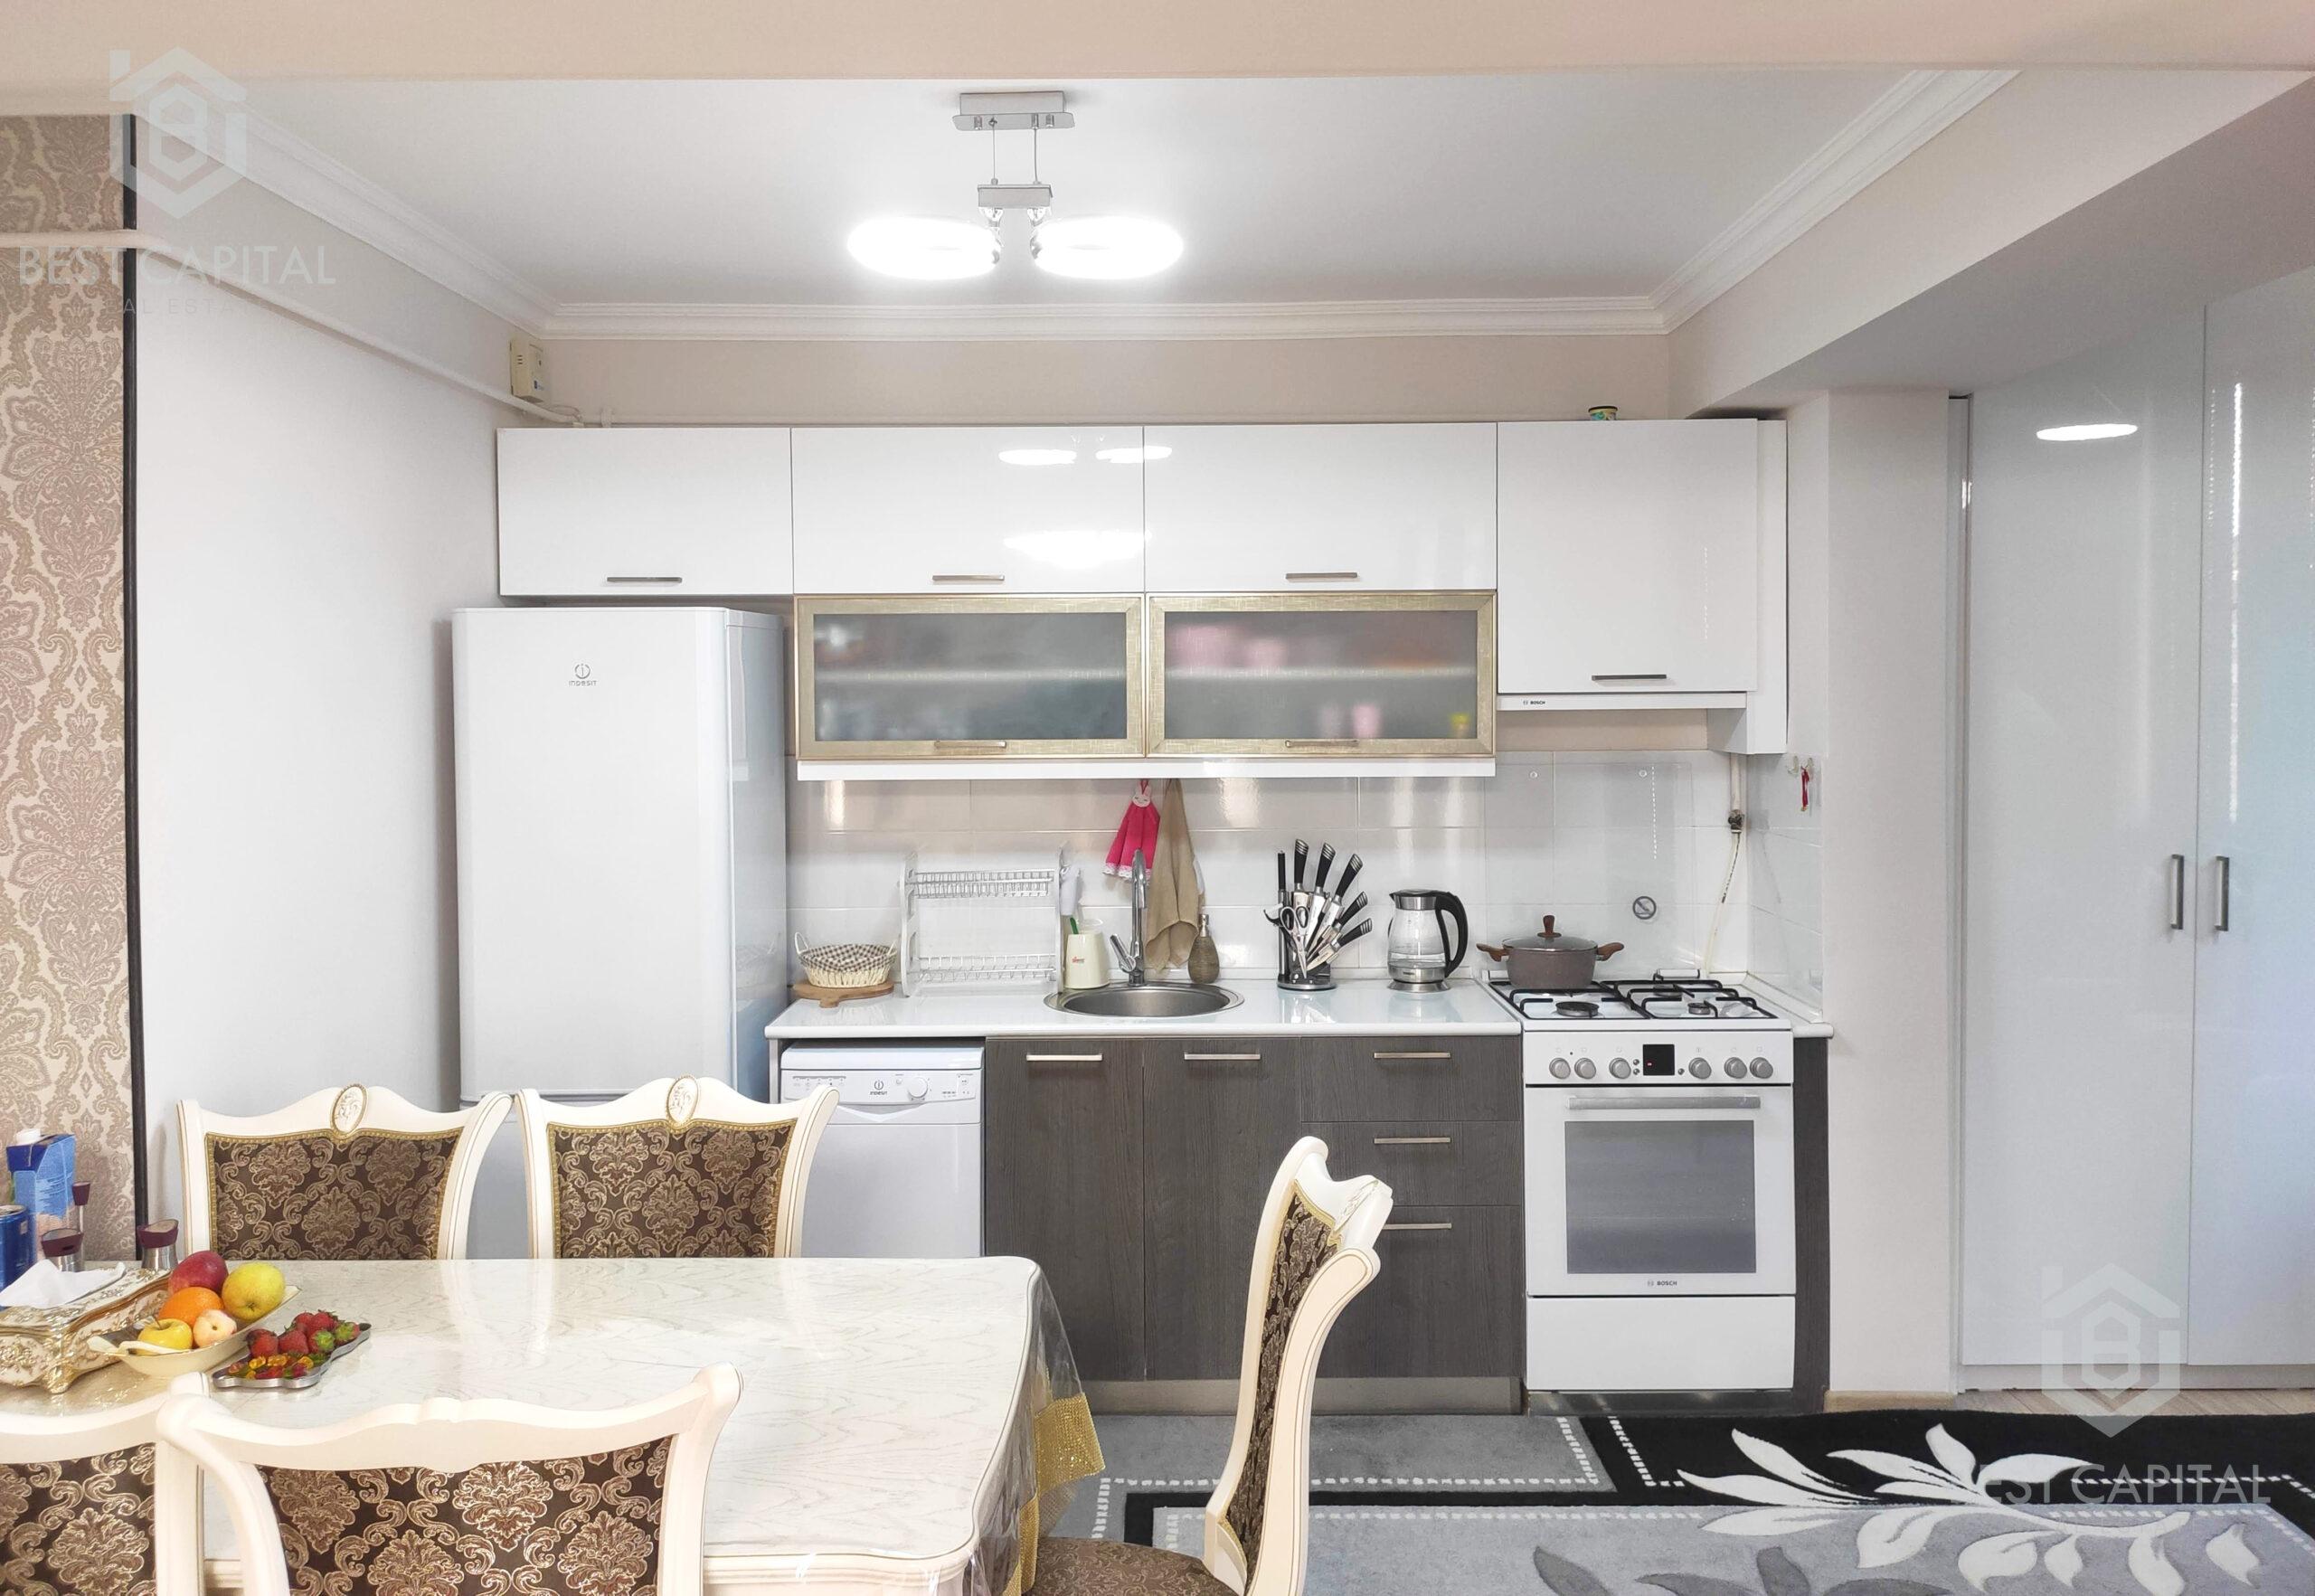 Գեղեցիկ լուծումներով կահավորված, բաց պատշգամբներով, LUXE դասի բնակարան